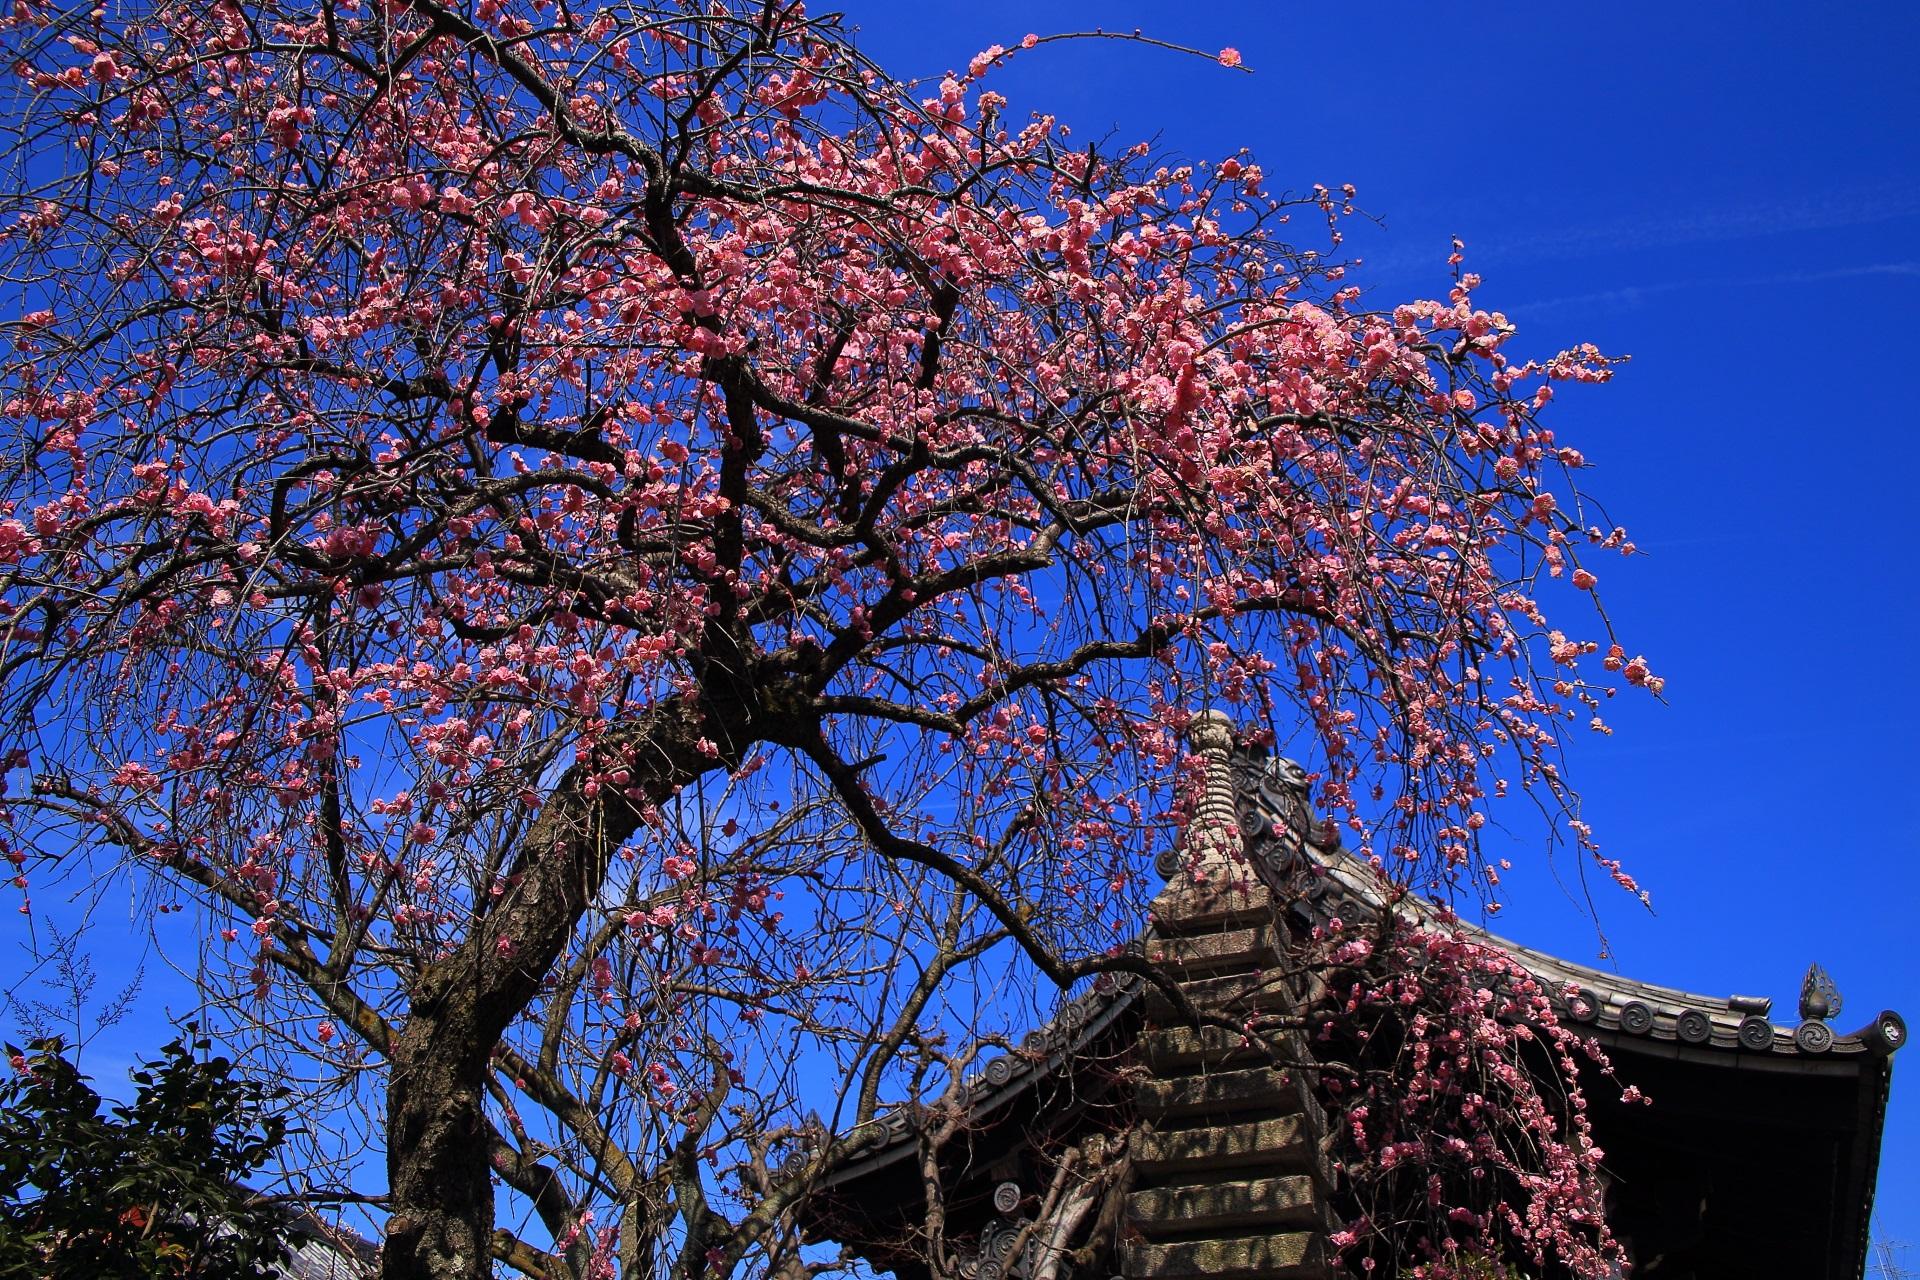 青空からふりそそぐピンクの花のシャワー